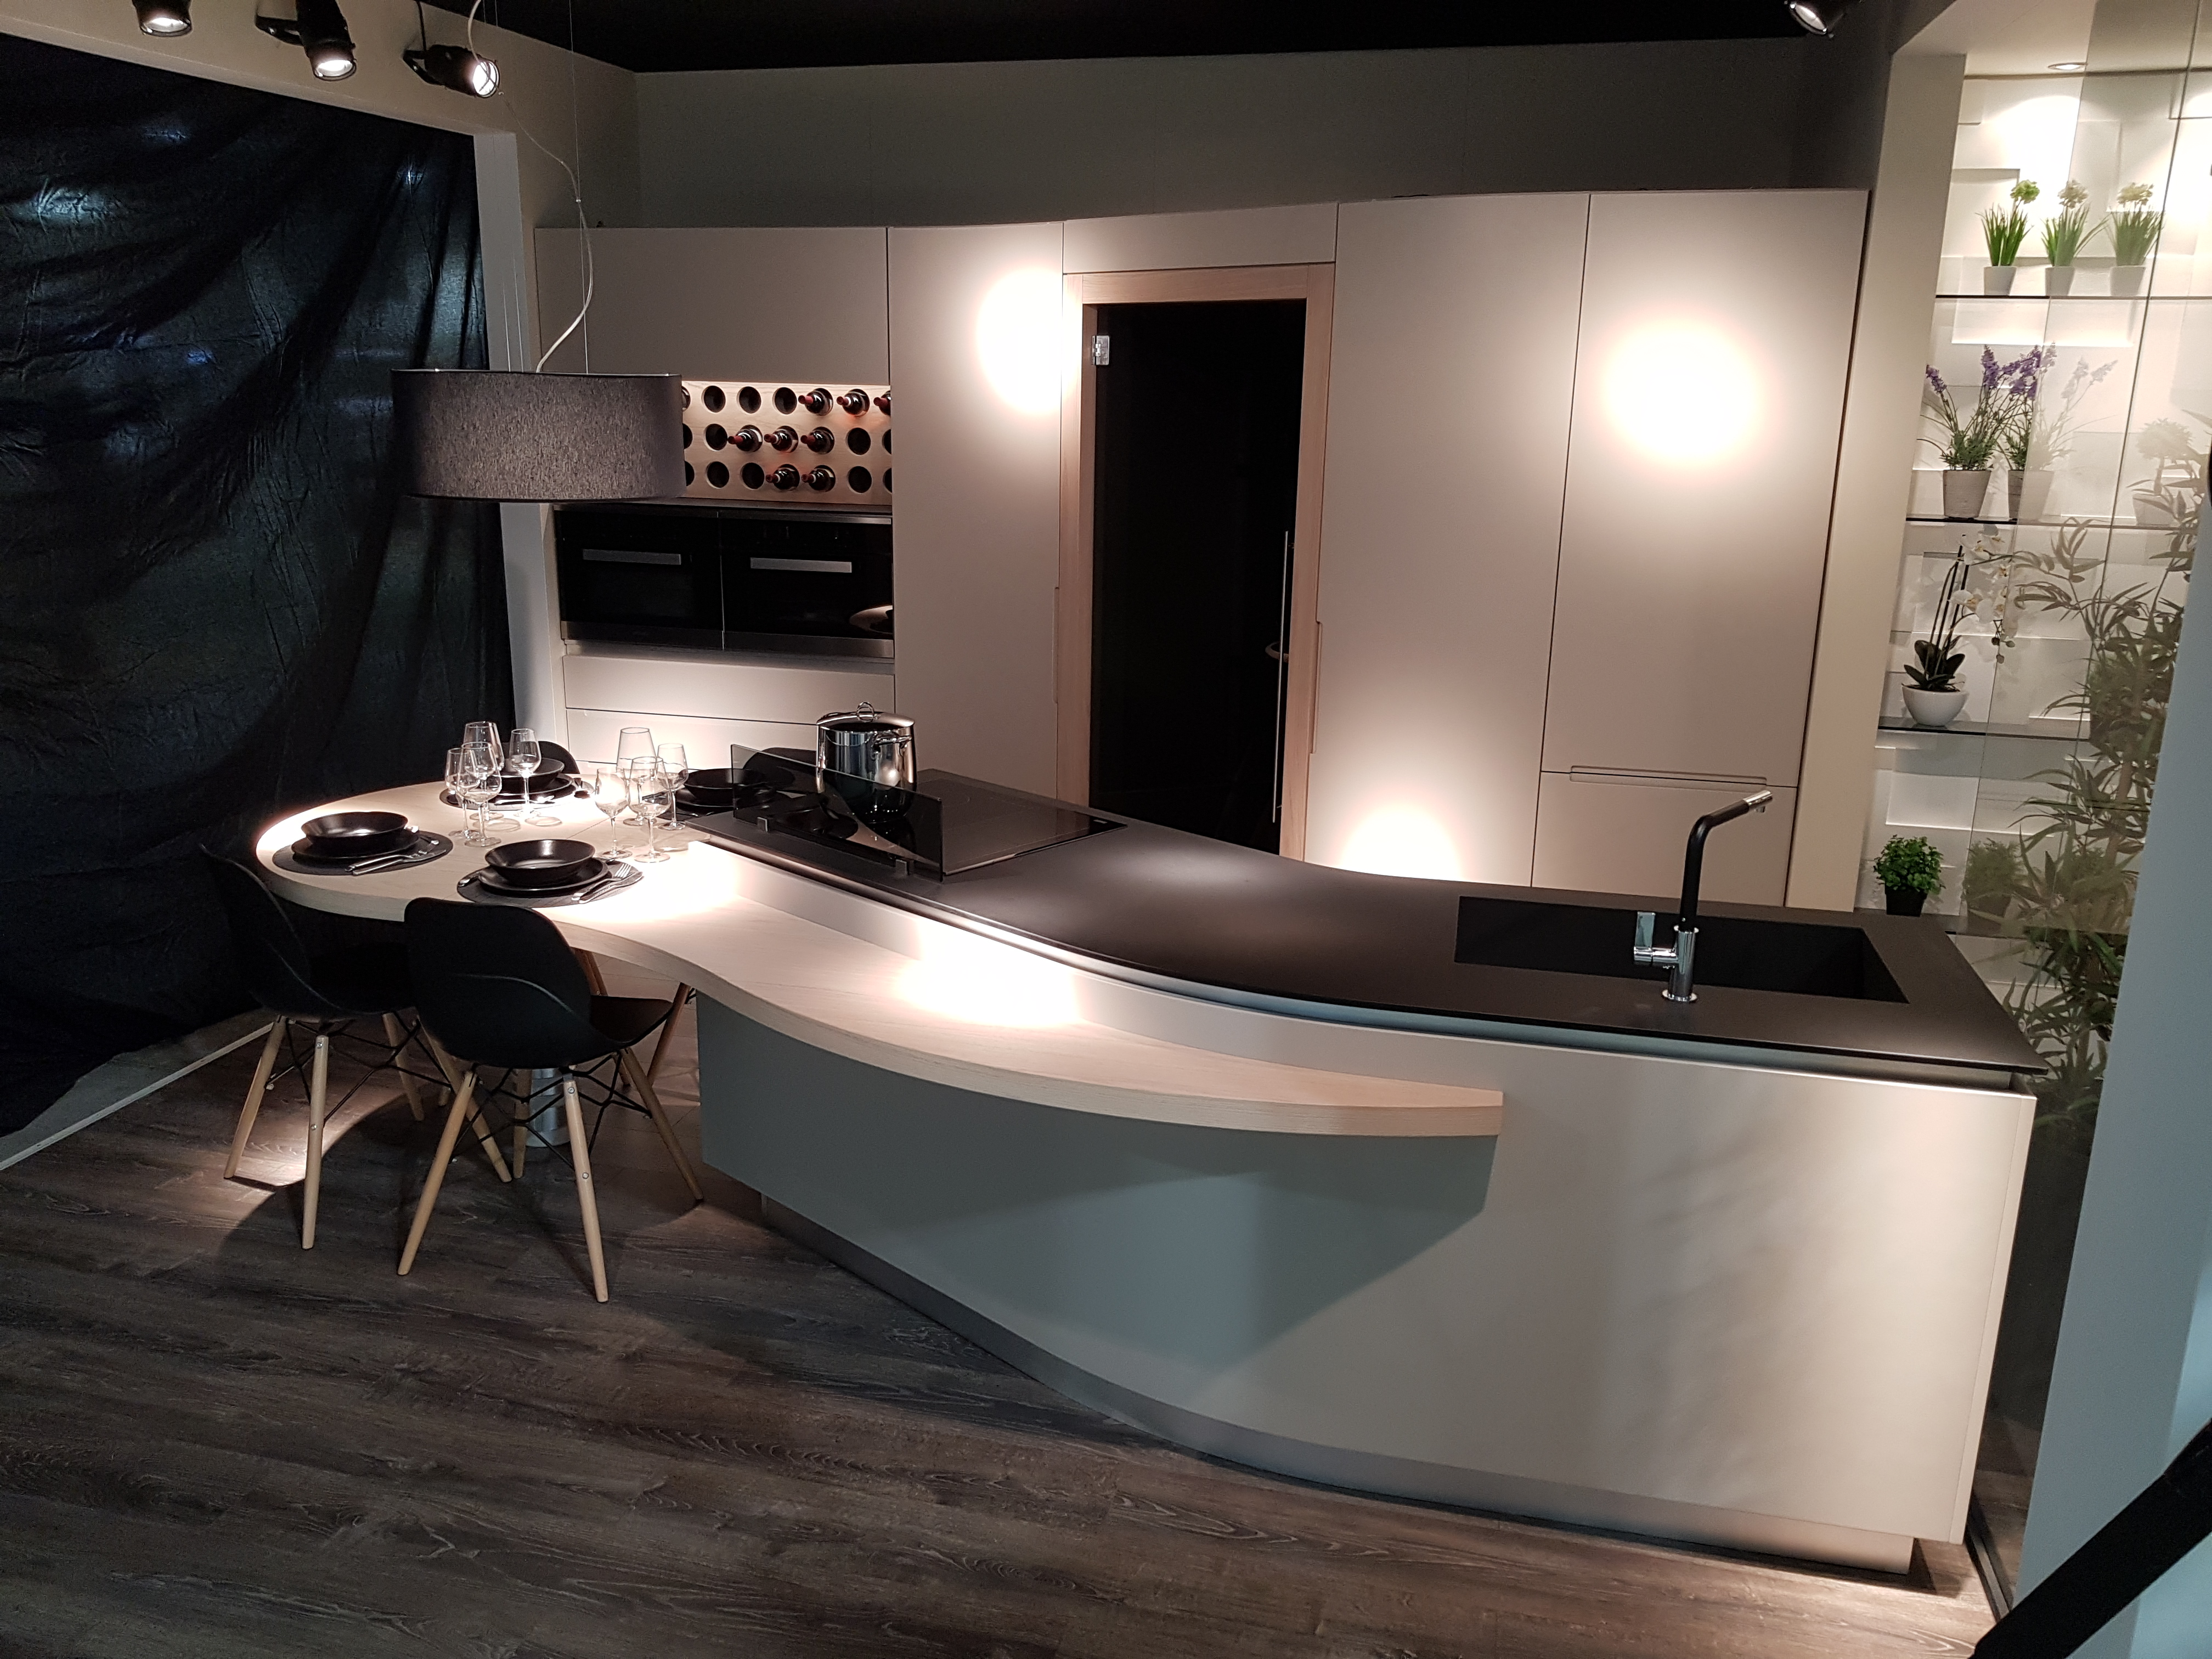 Cucina Snake di lusso moderna artigiano in fiera 2018 - Midarte